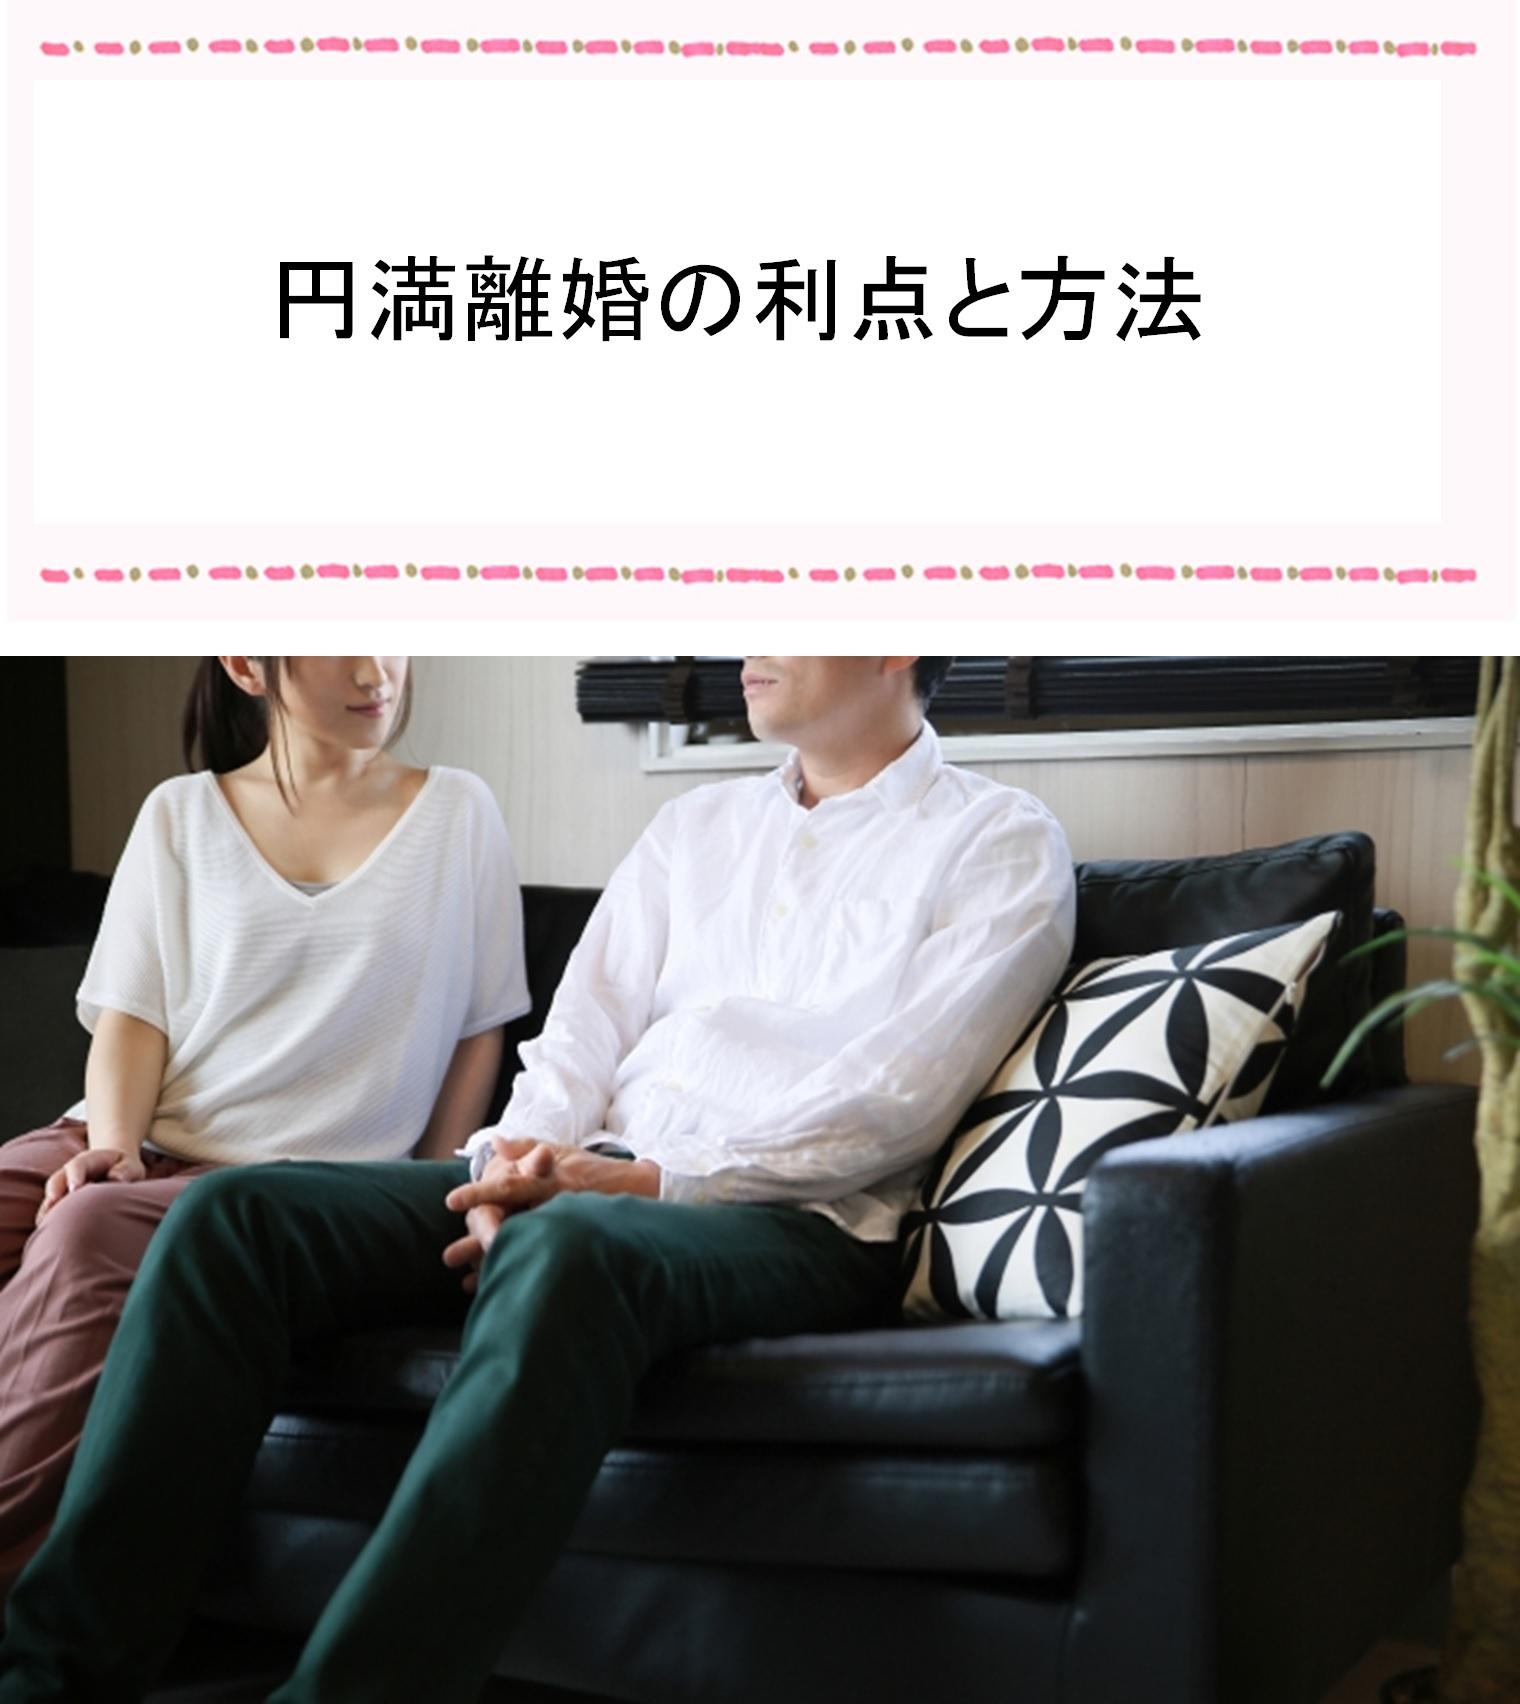 円満離婚 利点と方法